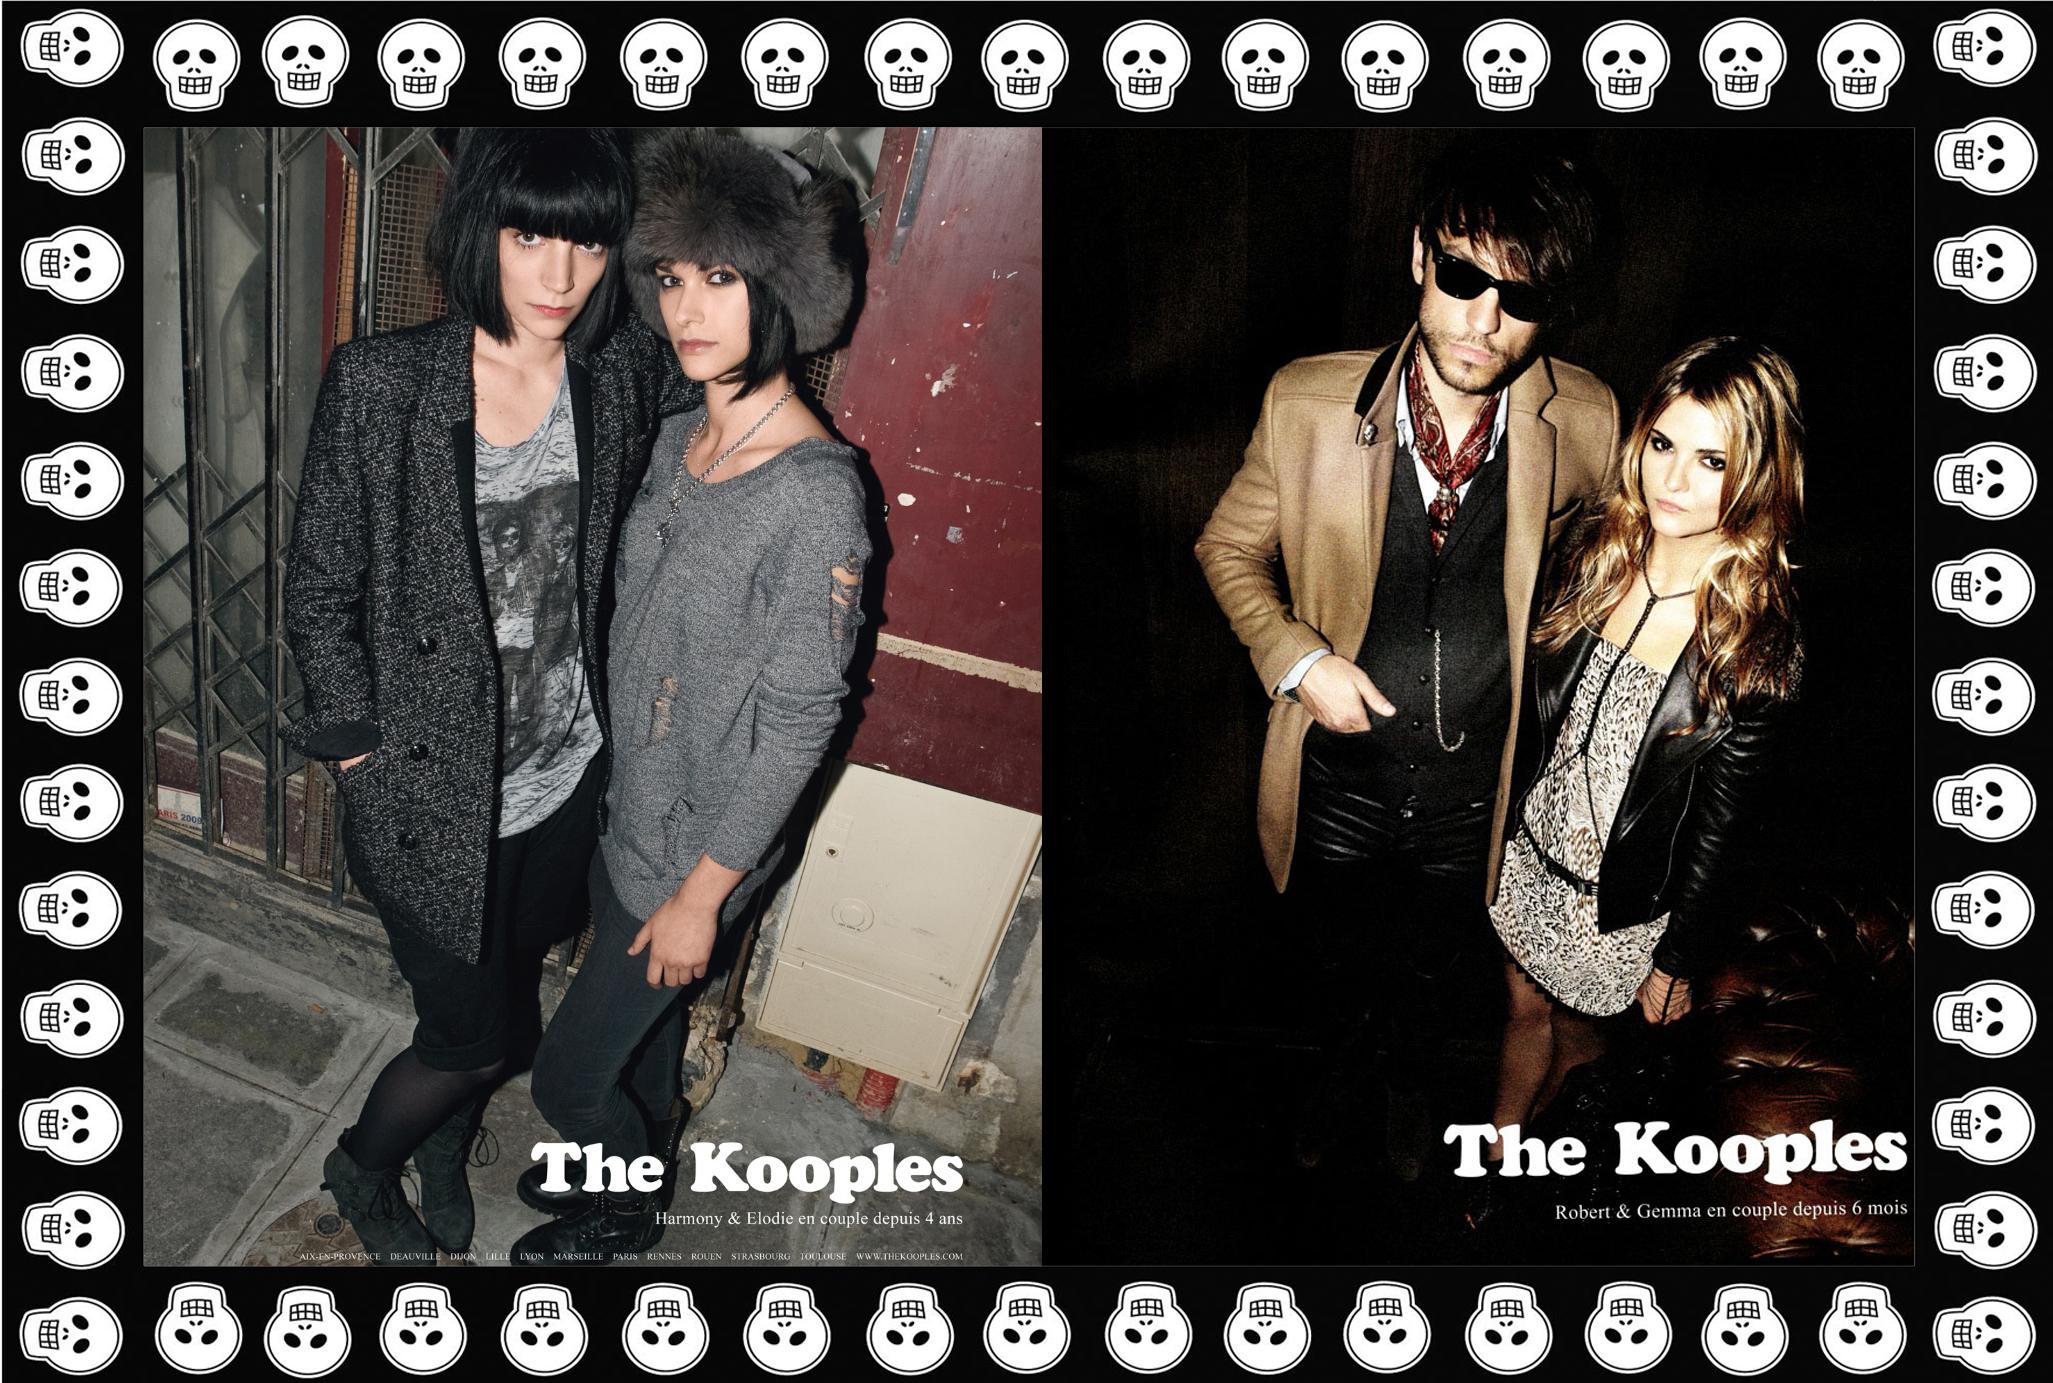 The kooples shop online